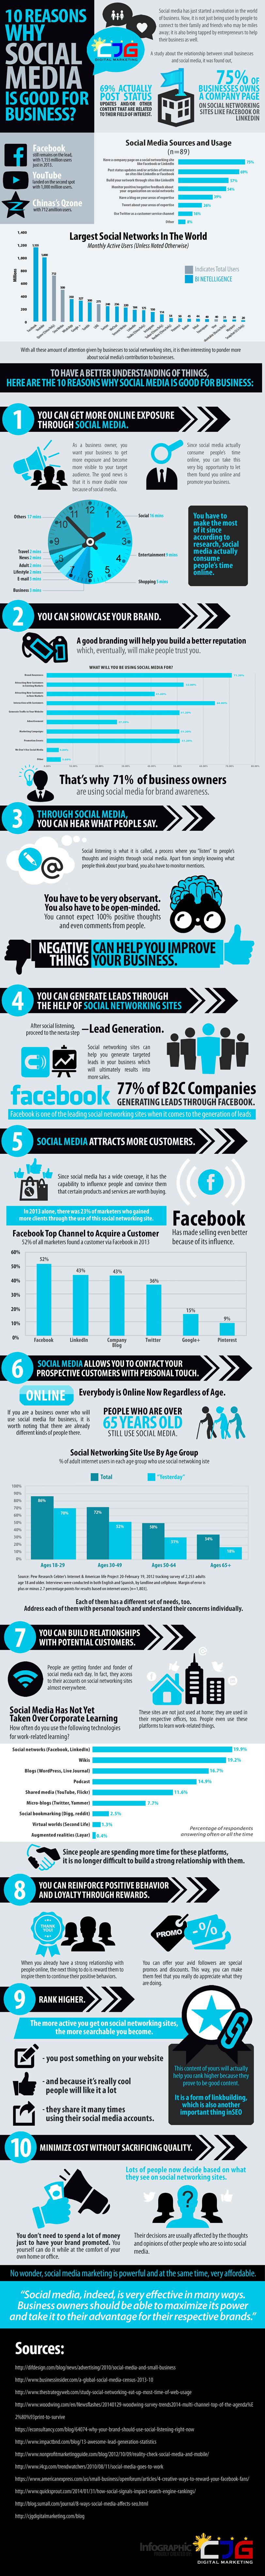 Kurumların Sosyal Medya'da Yer Alması için 10 Neden